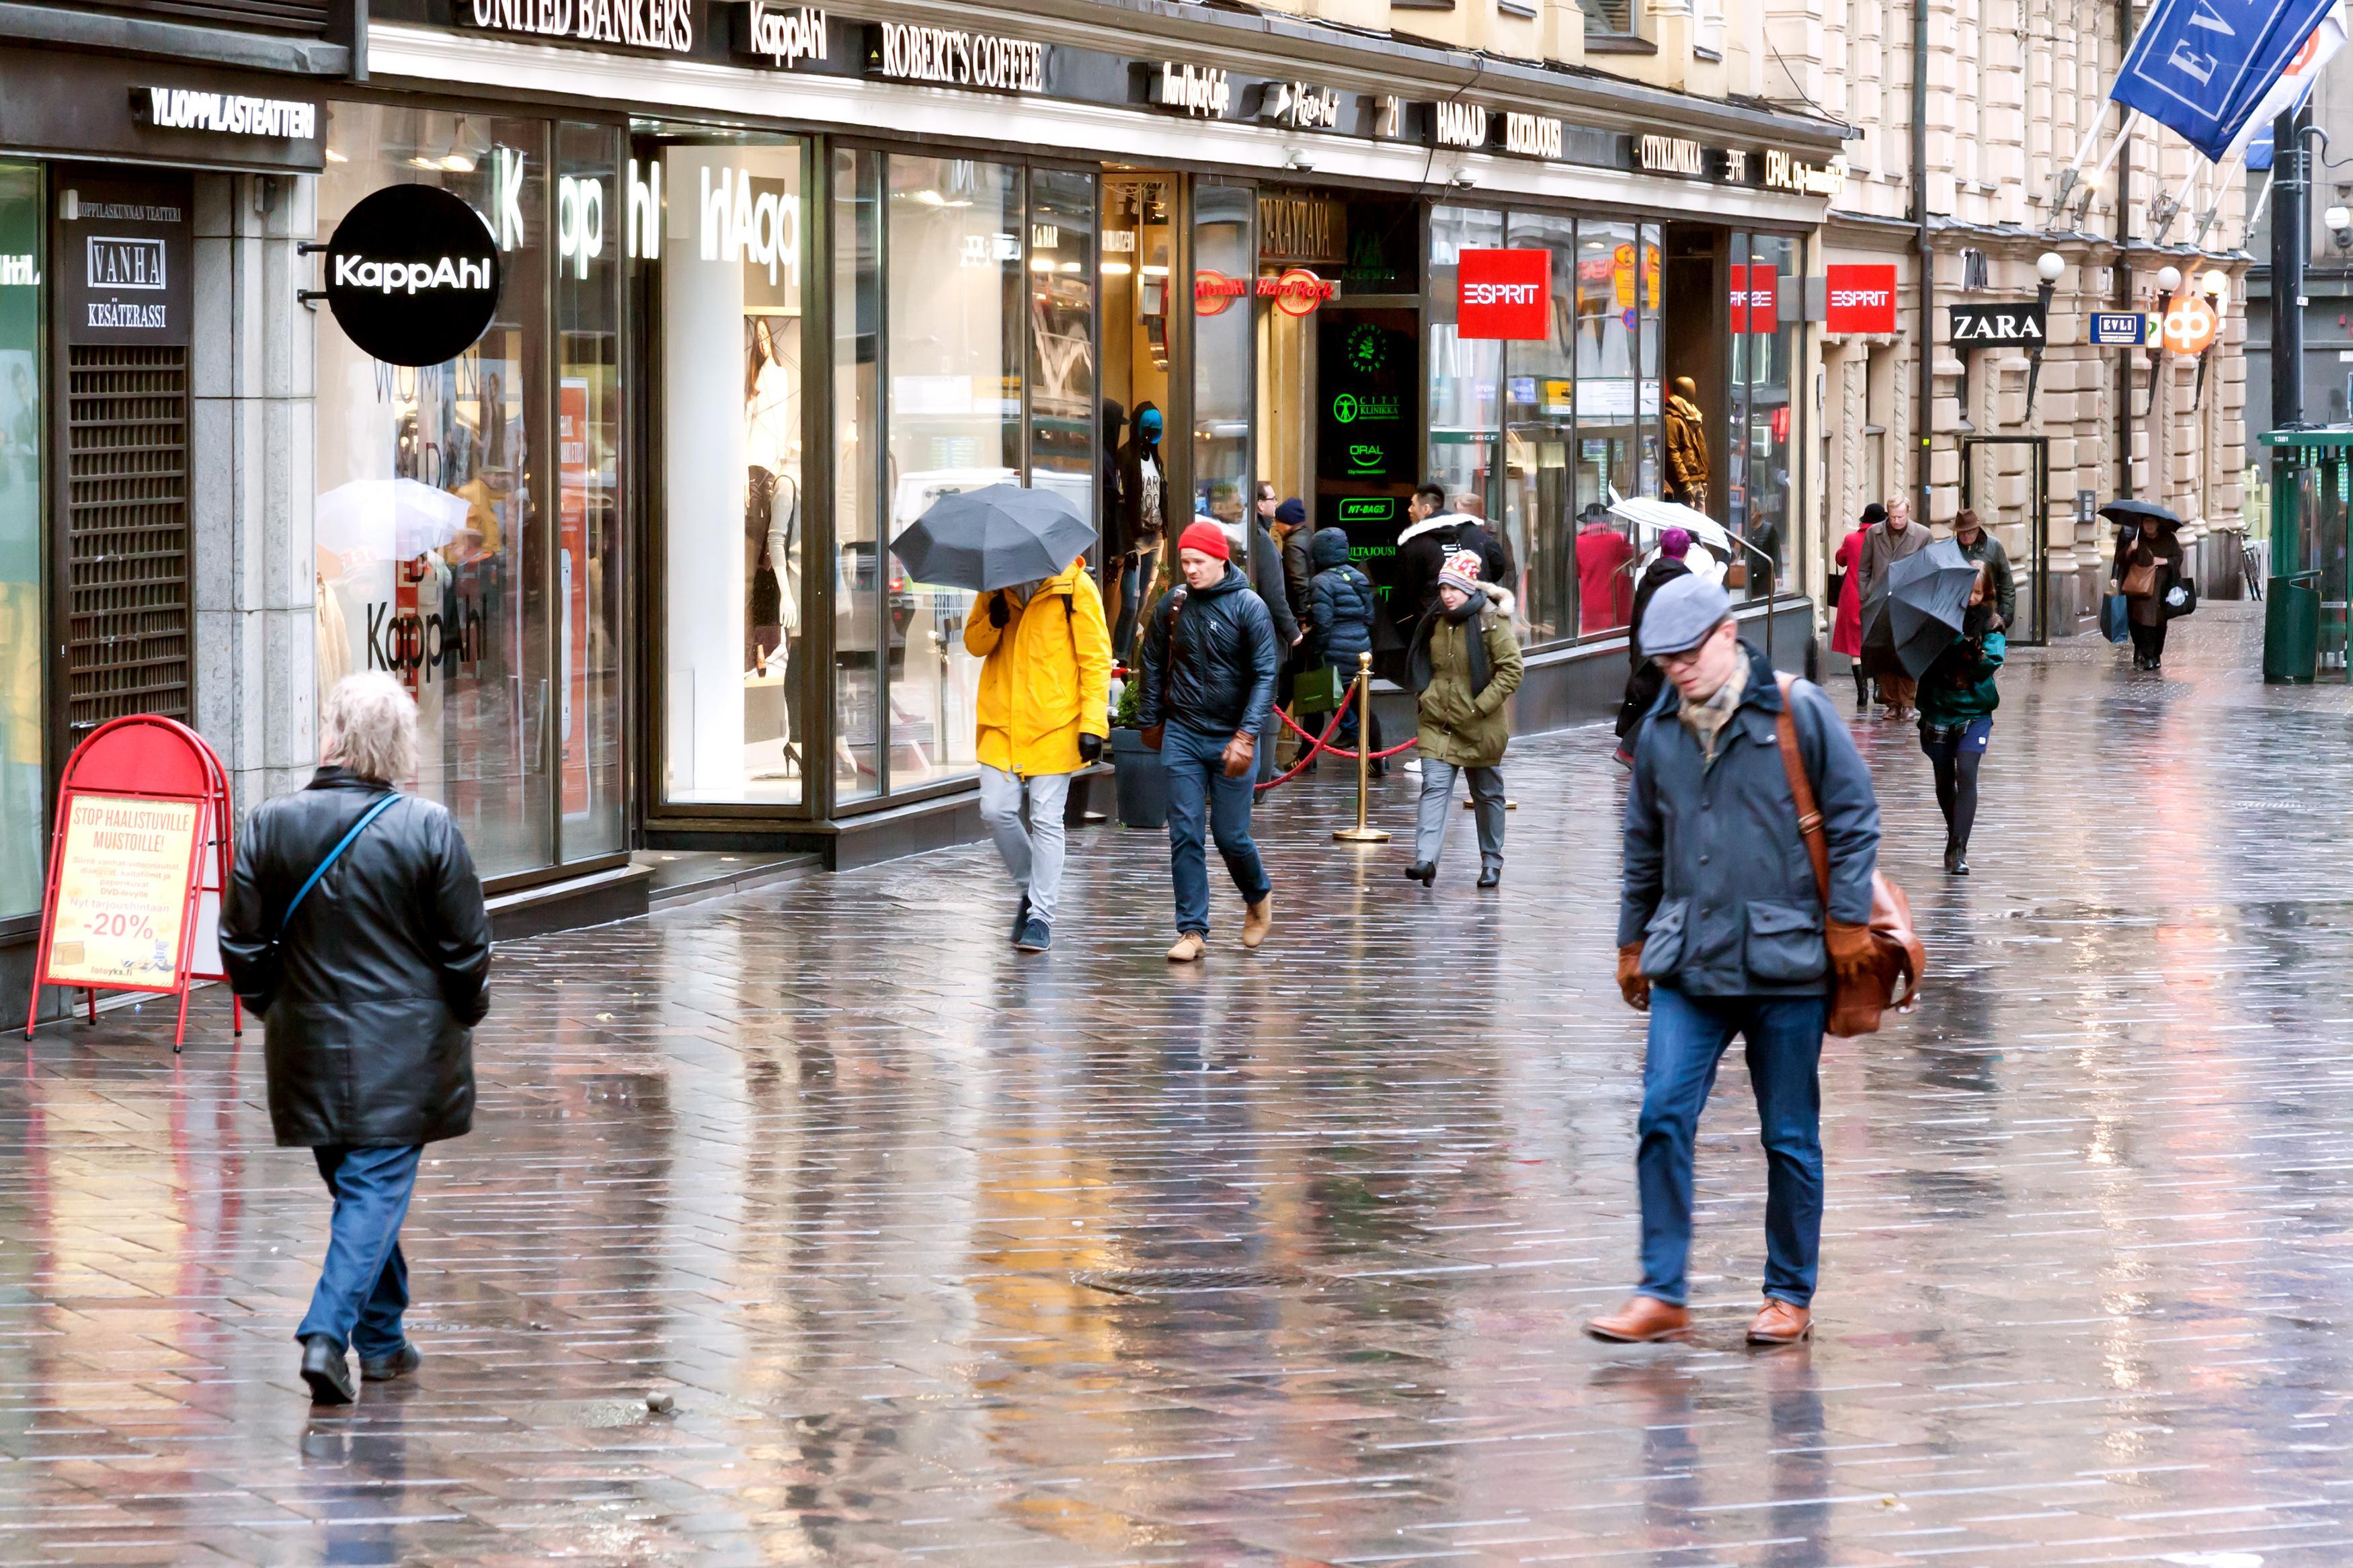 Ihmisiä kävelemässä lokakuisessa sateessa helsinkiläisellä kadulla. Kuva: iStock.com / Aleksei Andreev